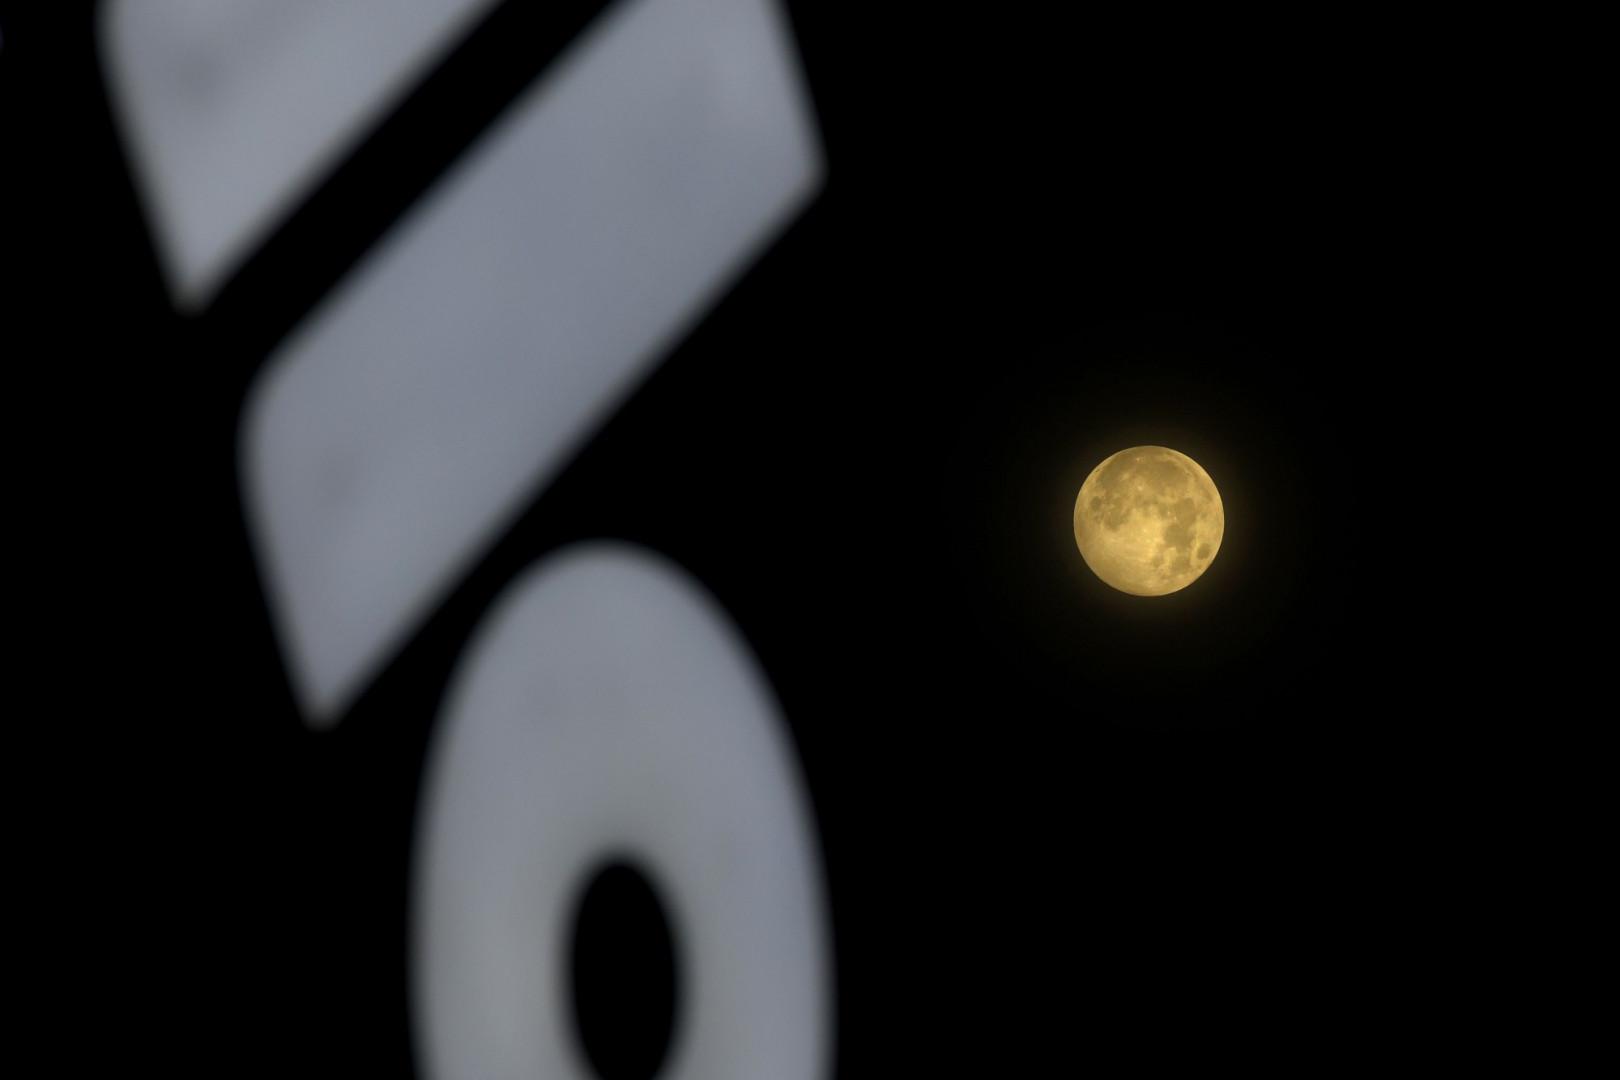 La lune pénombrale observée en Inde ce vendredi 5 juin.